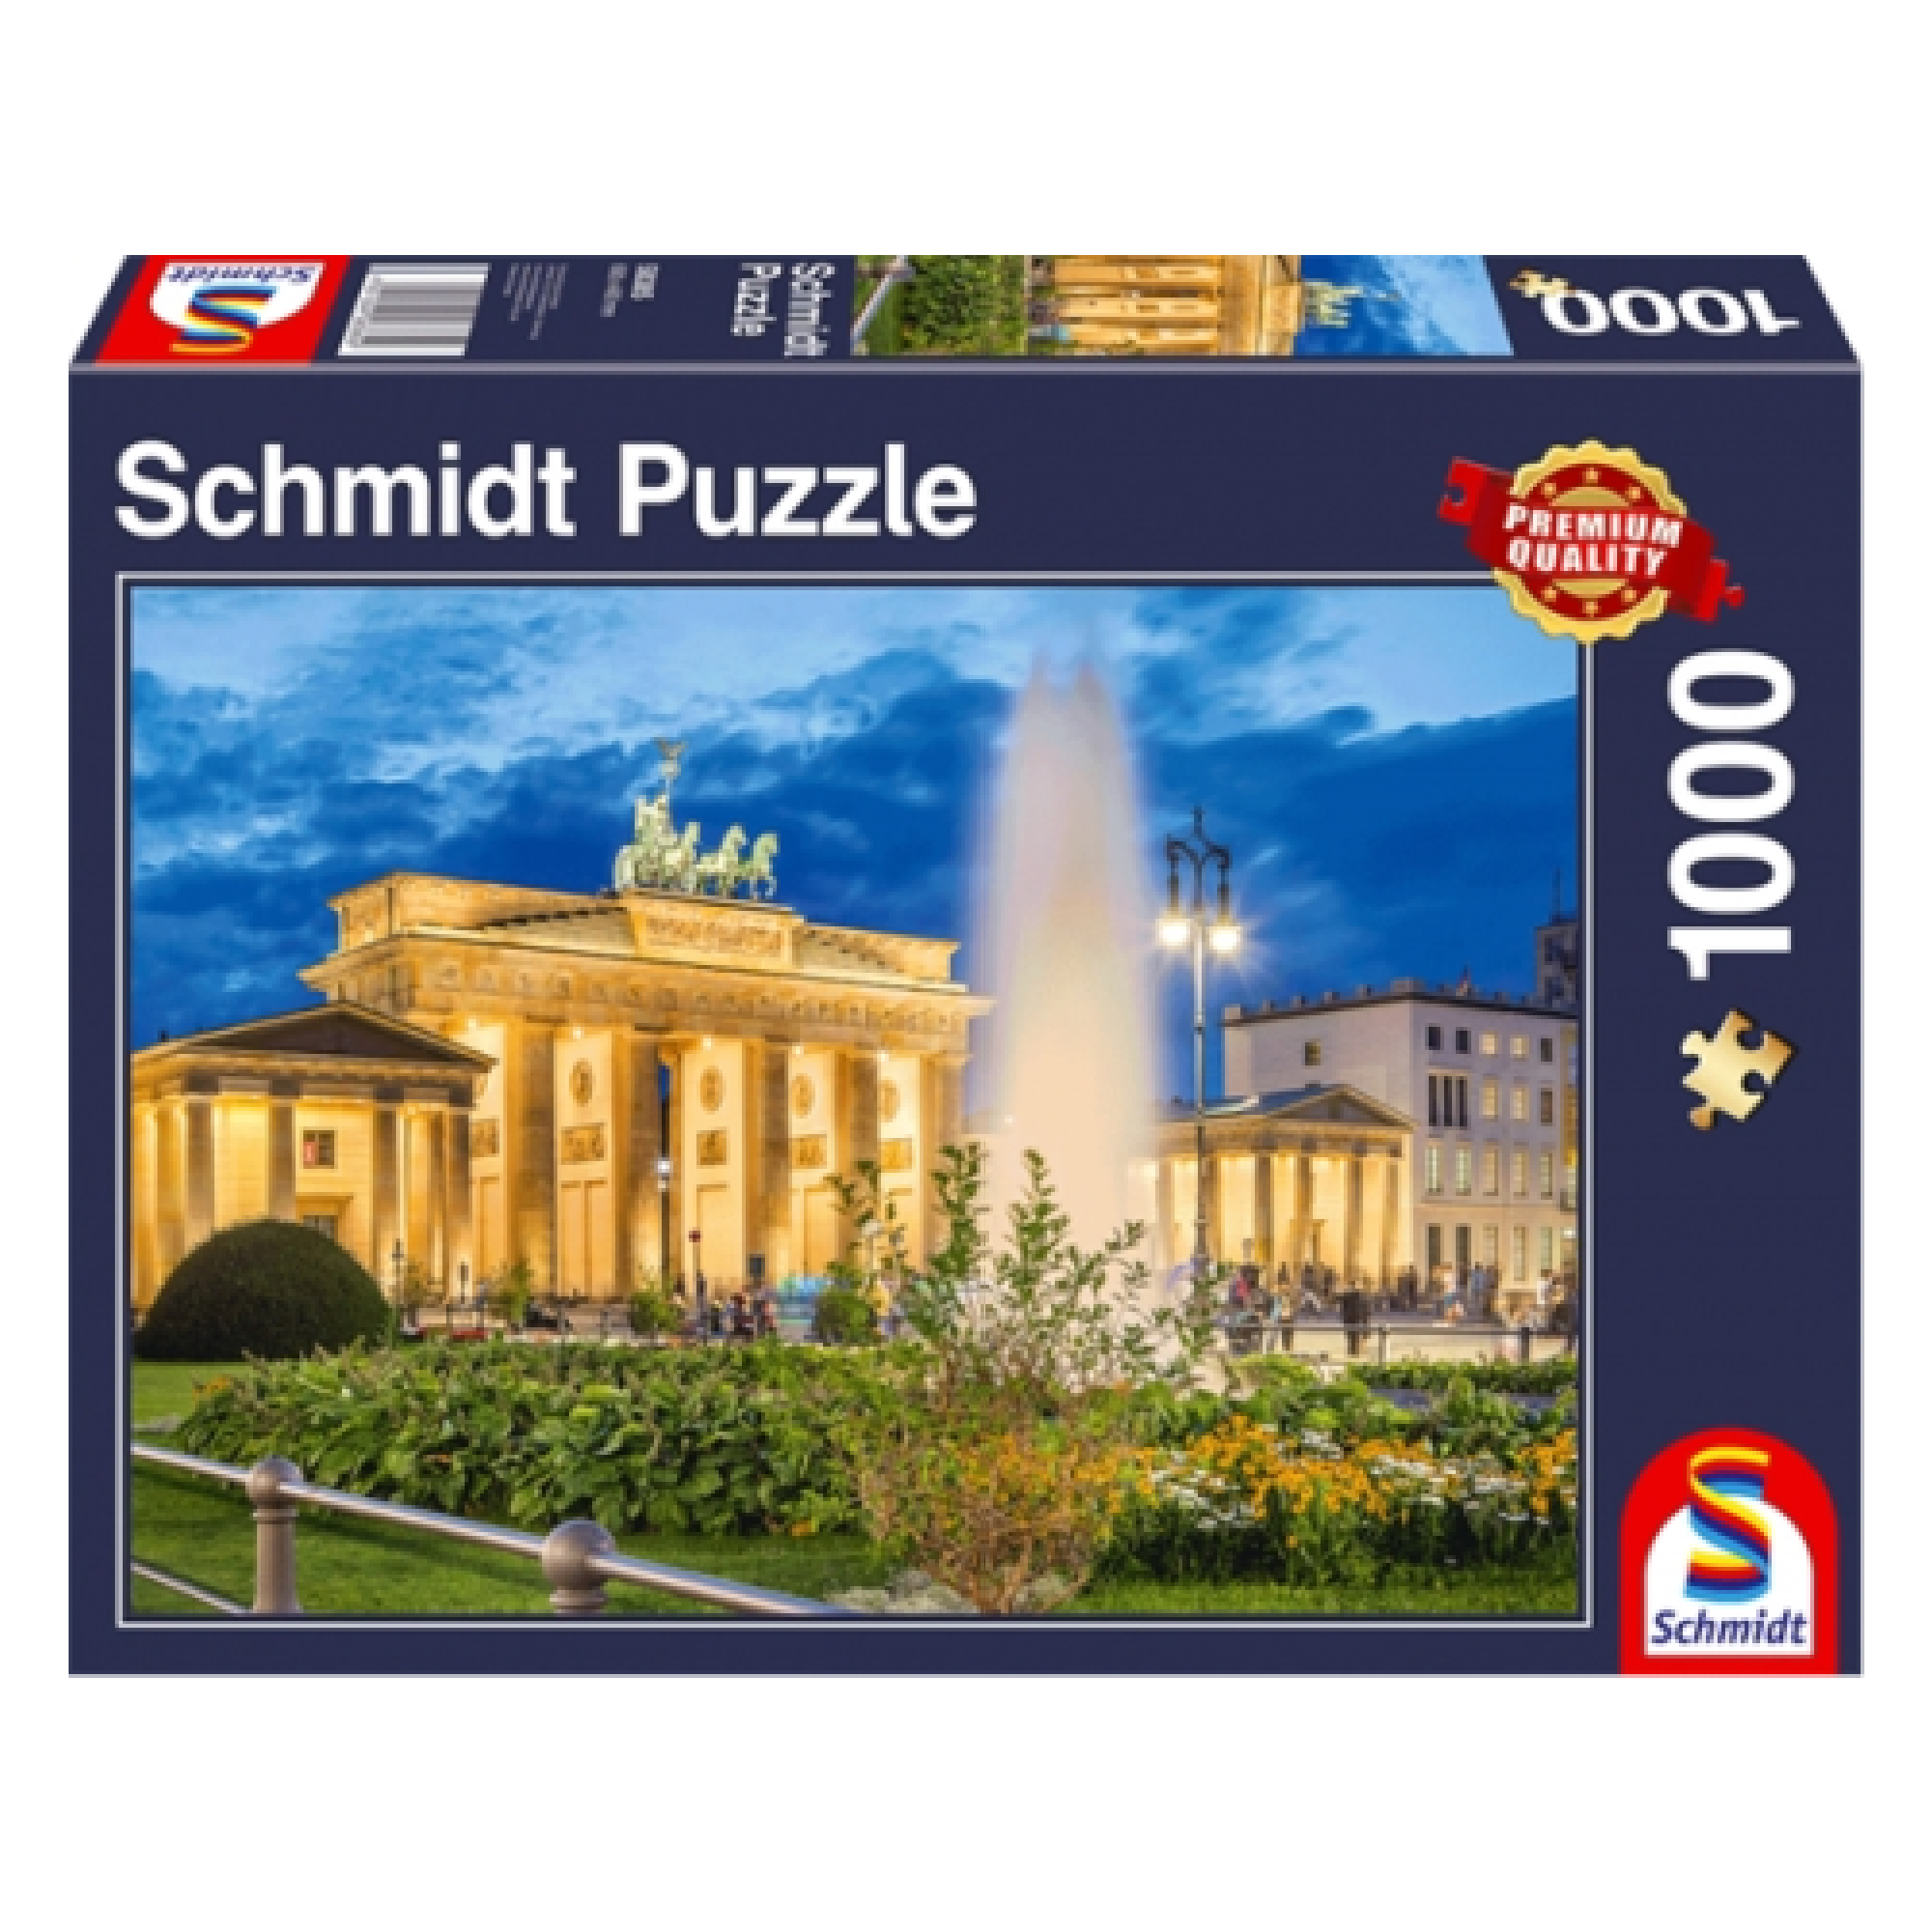 Schmidt Puzzle 1000: Brandenburg Gate